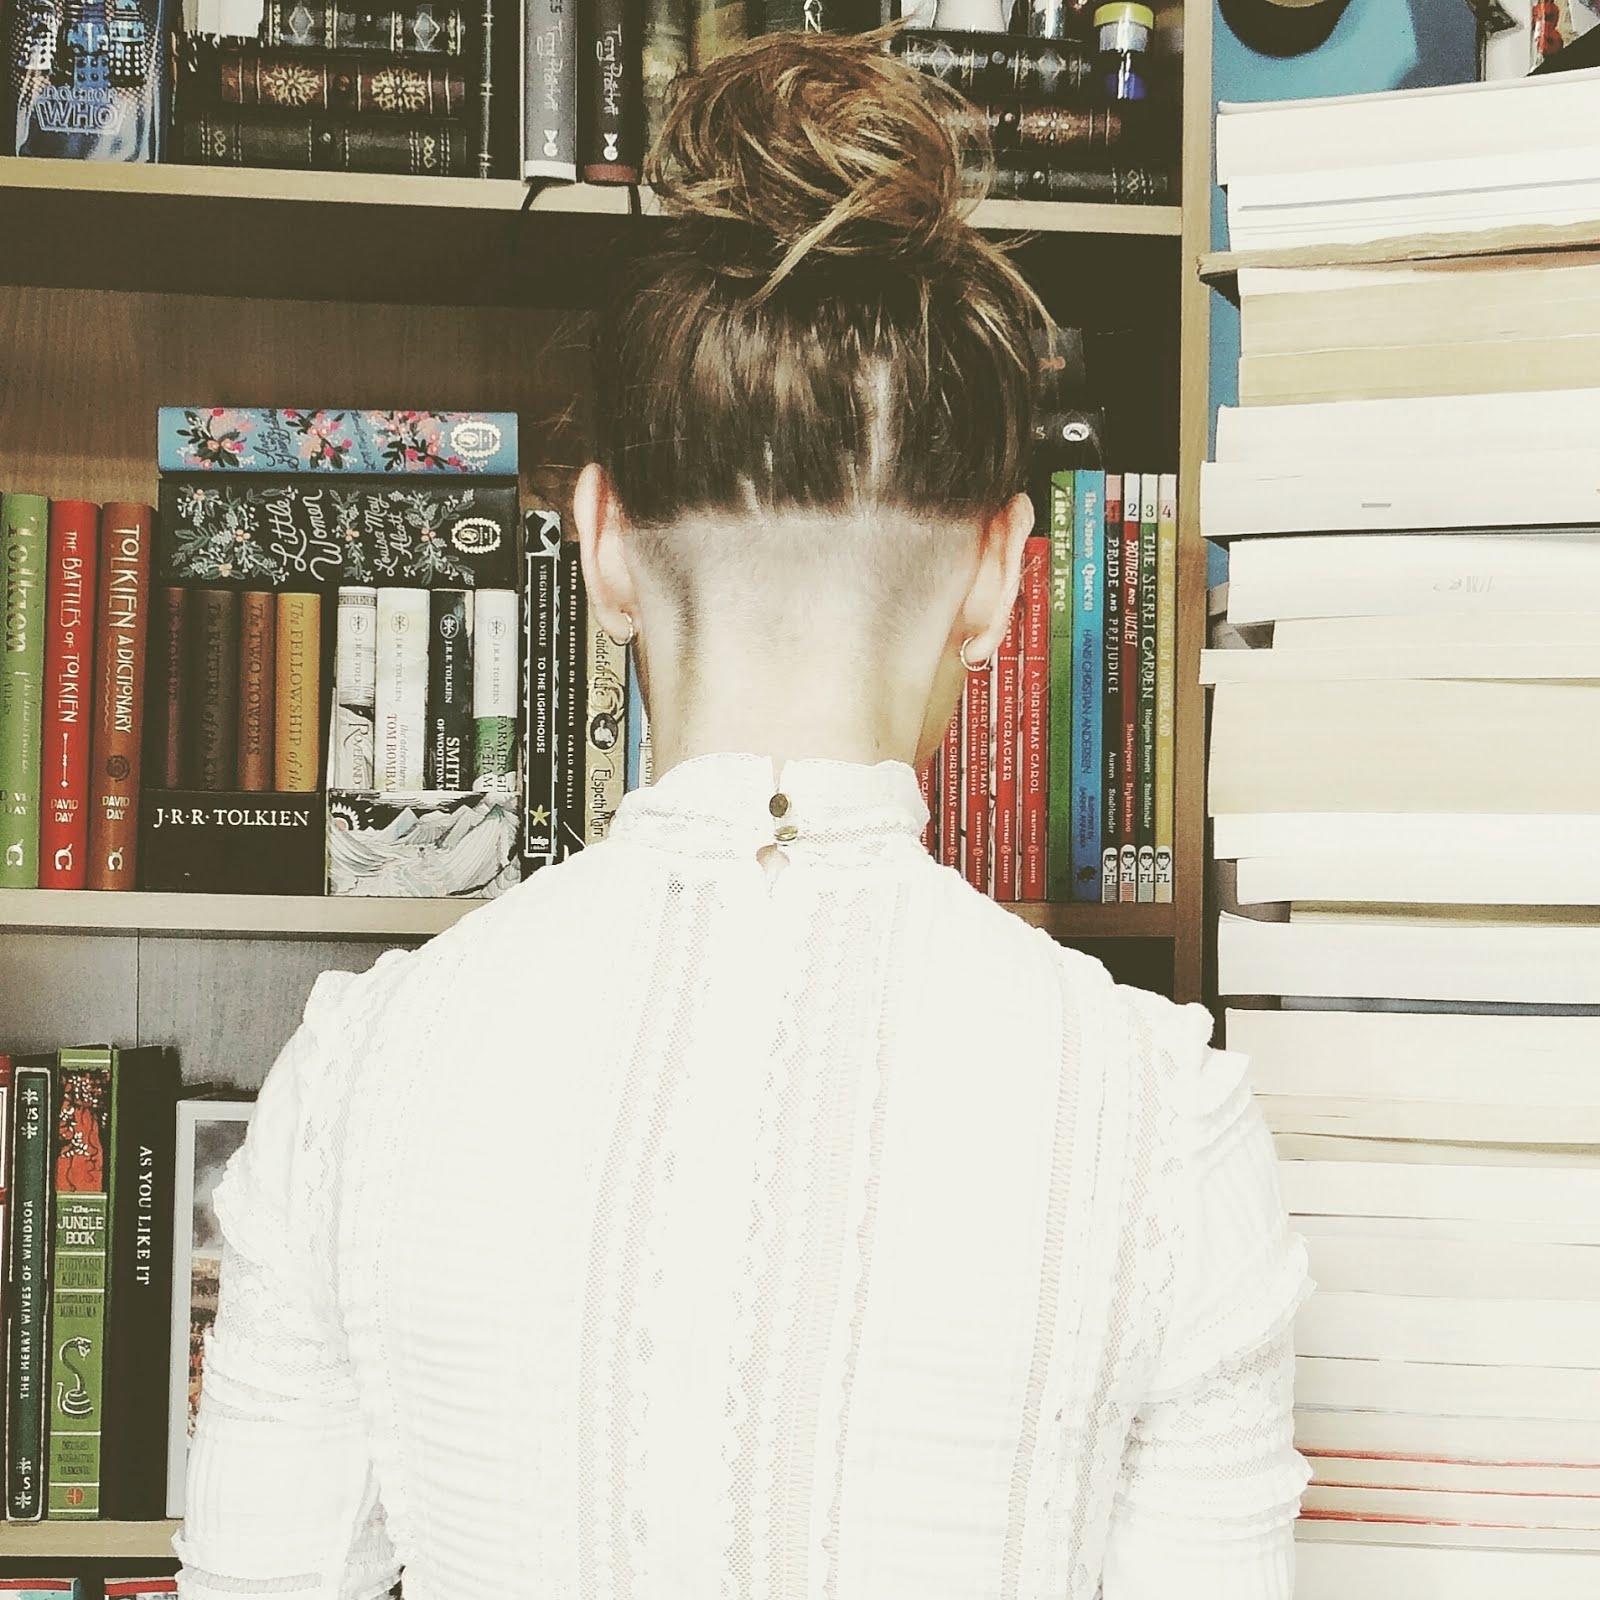 Amaranthine Reads